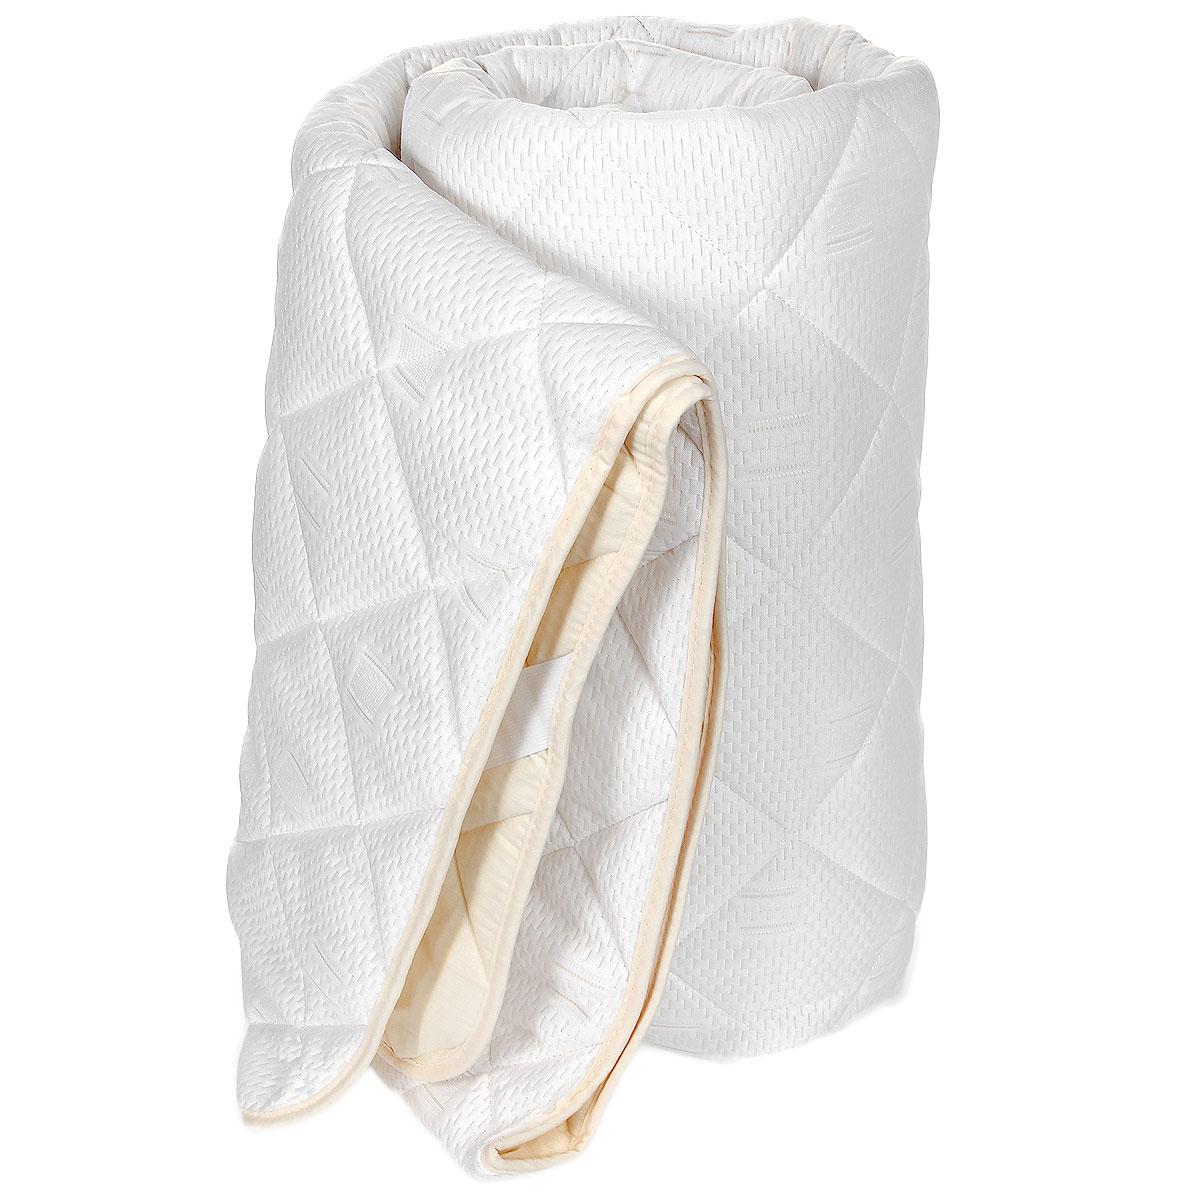 Наматрасник OL-Tex Бамбук, цвет: сливочный, 160 см х 200 смОБТ-160Наматрасник OL-Tex Бабмук с наполнителем из полиэфирного высокосиликонизированного микроволокна на основе бамбука сделает ваш сон еще комфортнее. Чехол выполнен из поликоттона сливочного цвета и оформлен декоративной стежкой в виде крупных ромбов, что обеспечивает равномерное распределение тепла. Изделие изготовлено из экологичных природных и нетоксичных материалов, обладает антисептическим эффектом, гигиенично и не вызывает аллергии. Наматрасник оснащен резинками по углам, поэтому прочно удерживается на матрасе и избавляет от необходимости часто поправлять. Это защитит матрас от грязи и пыли и придаст дополнительный комфорт вашему спальному месту. Мягкий и легкий, он прекрасно подойдет для жестких кроватей и диванов, делая ваш сон спокойным и приятным. Легко стирается. Бамбуковое волокно - это экологически чистая основа для создания наполнителя нового поколения, имеет естественные антибактериальные и дезодорирующие функции. Обладает прекрасной воздухопроницаемостью и...